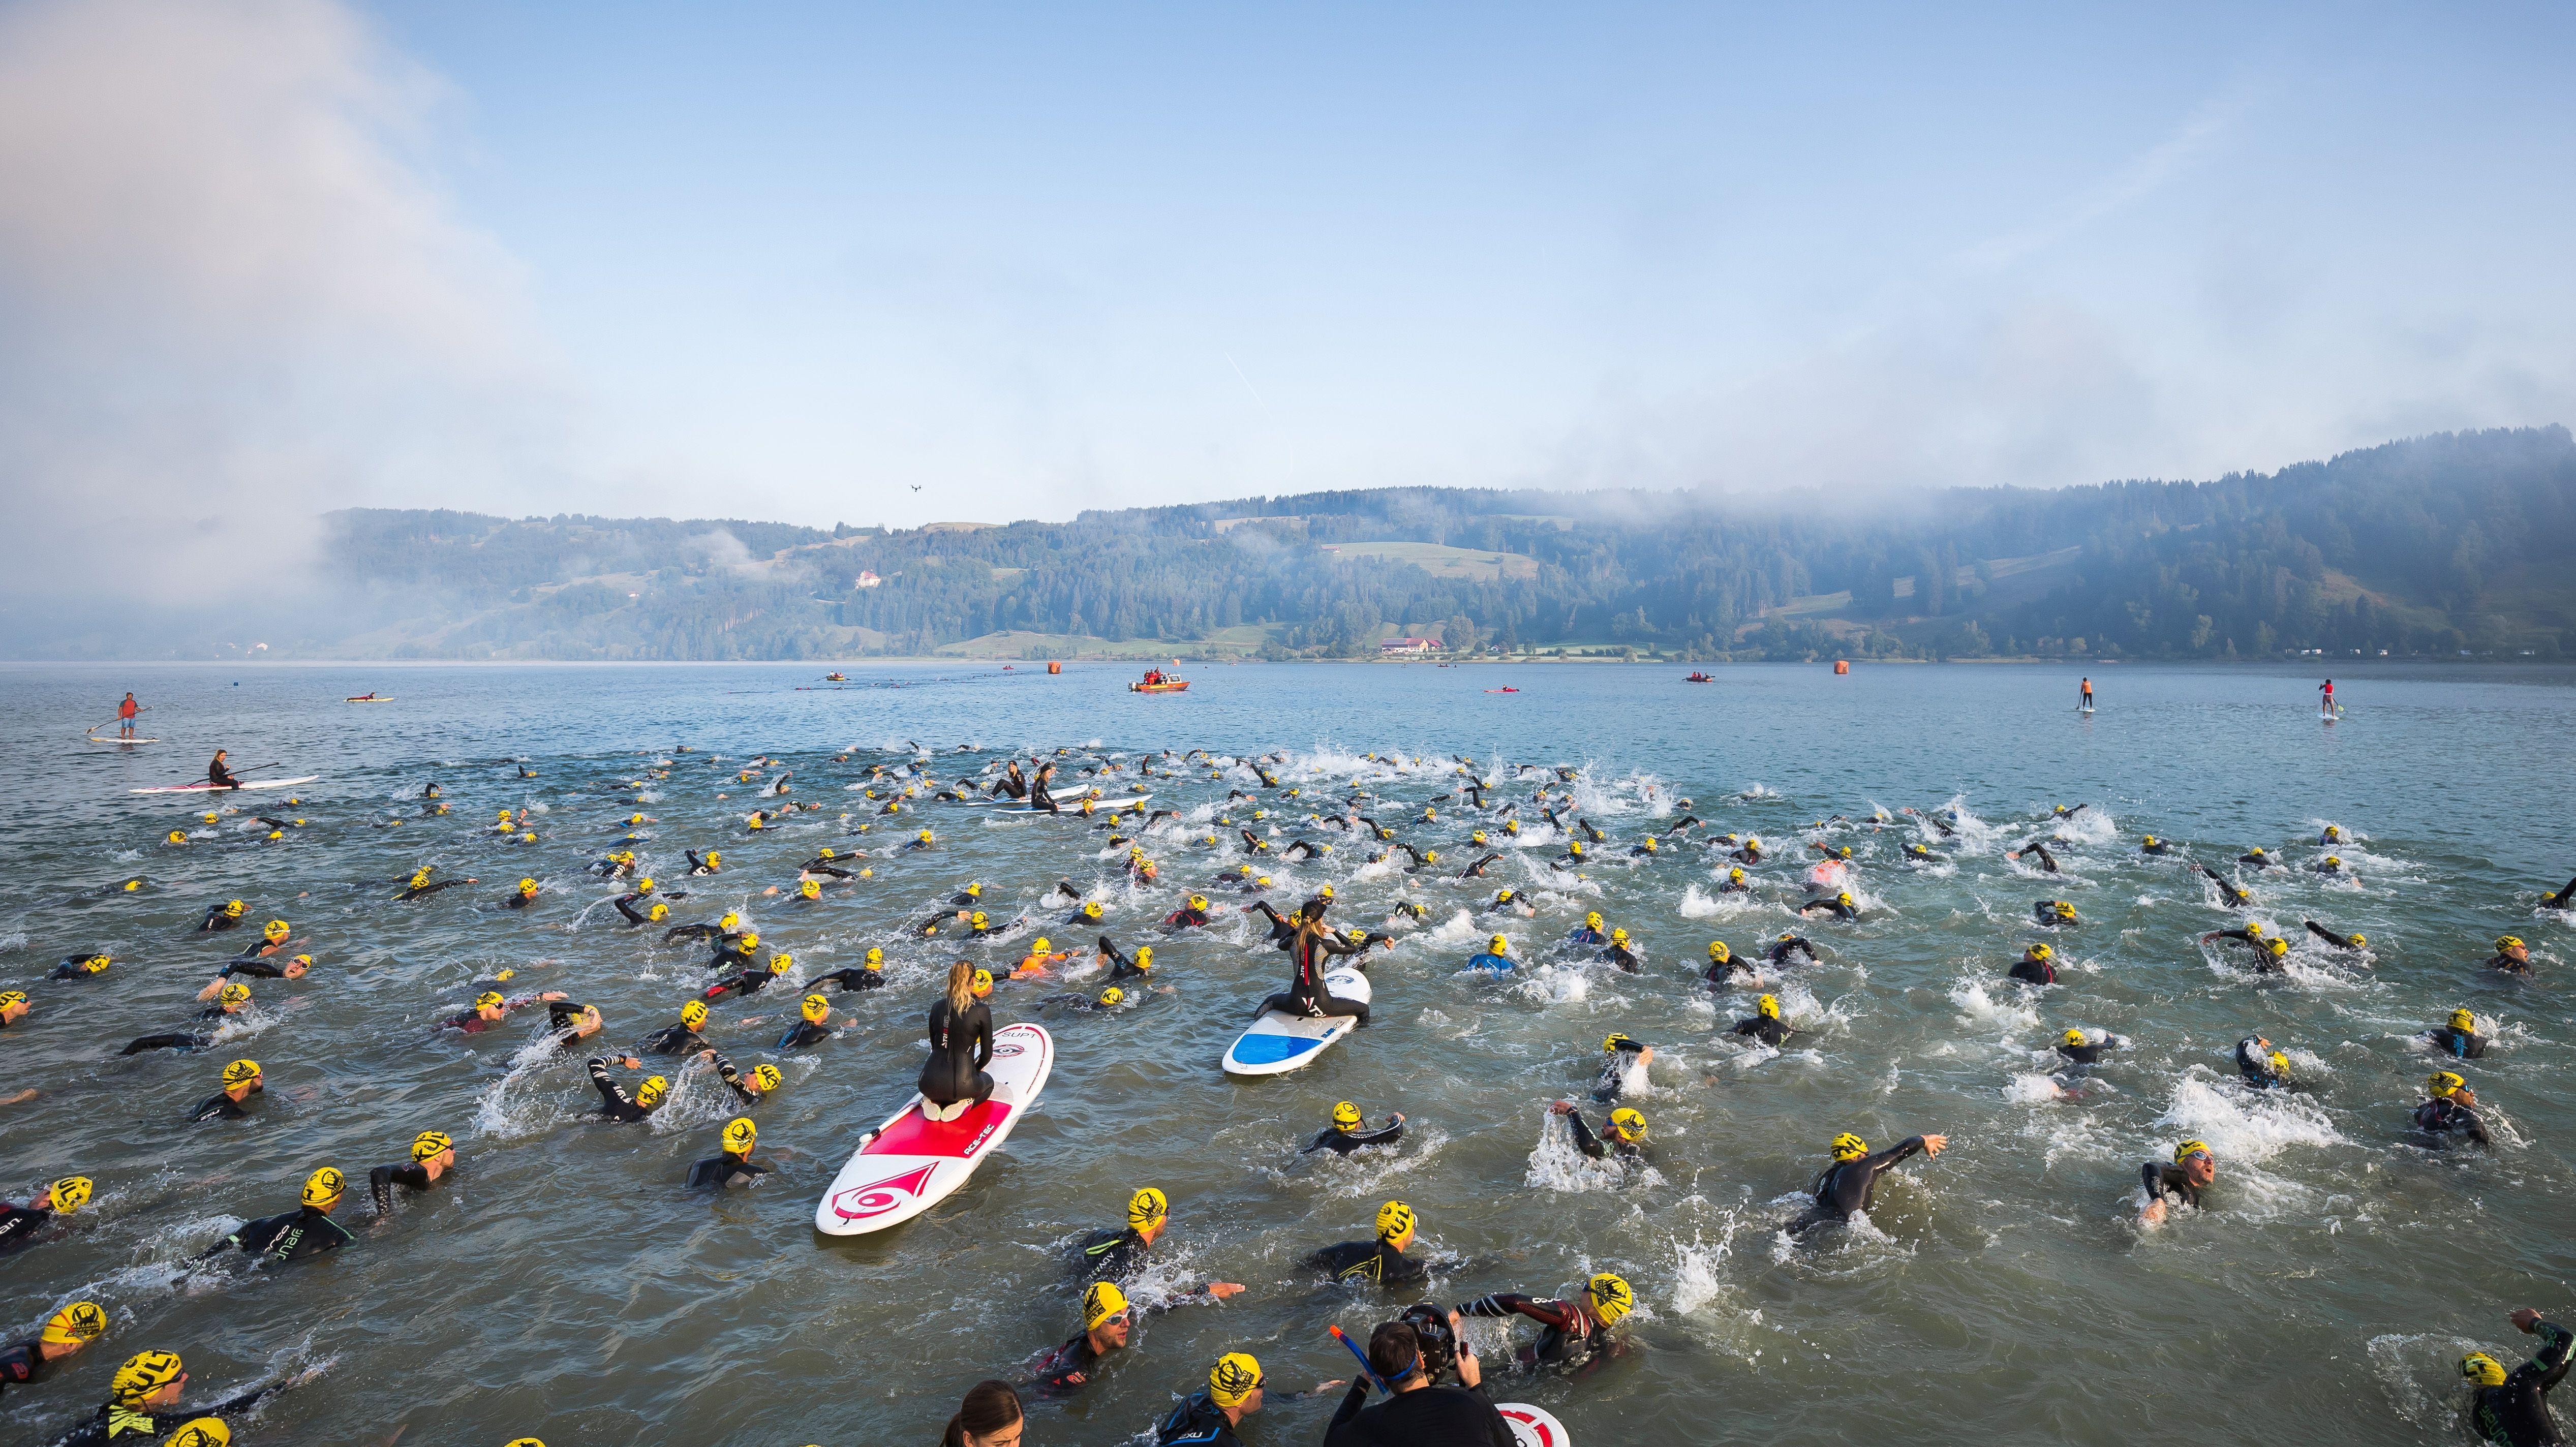 Teilnehmer des Allgäu Triathlon 2018 schwimmen durch den Alpsee